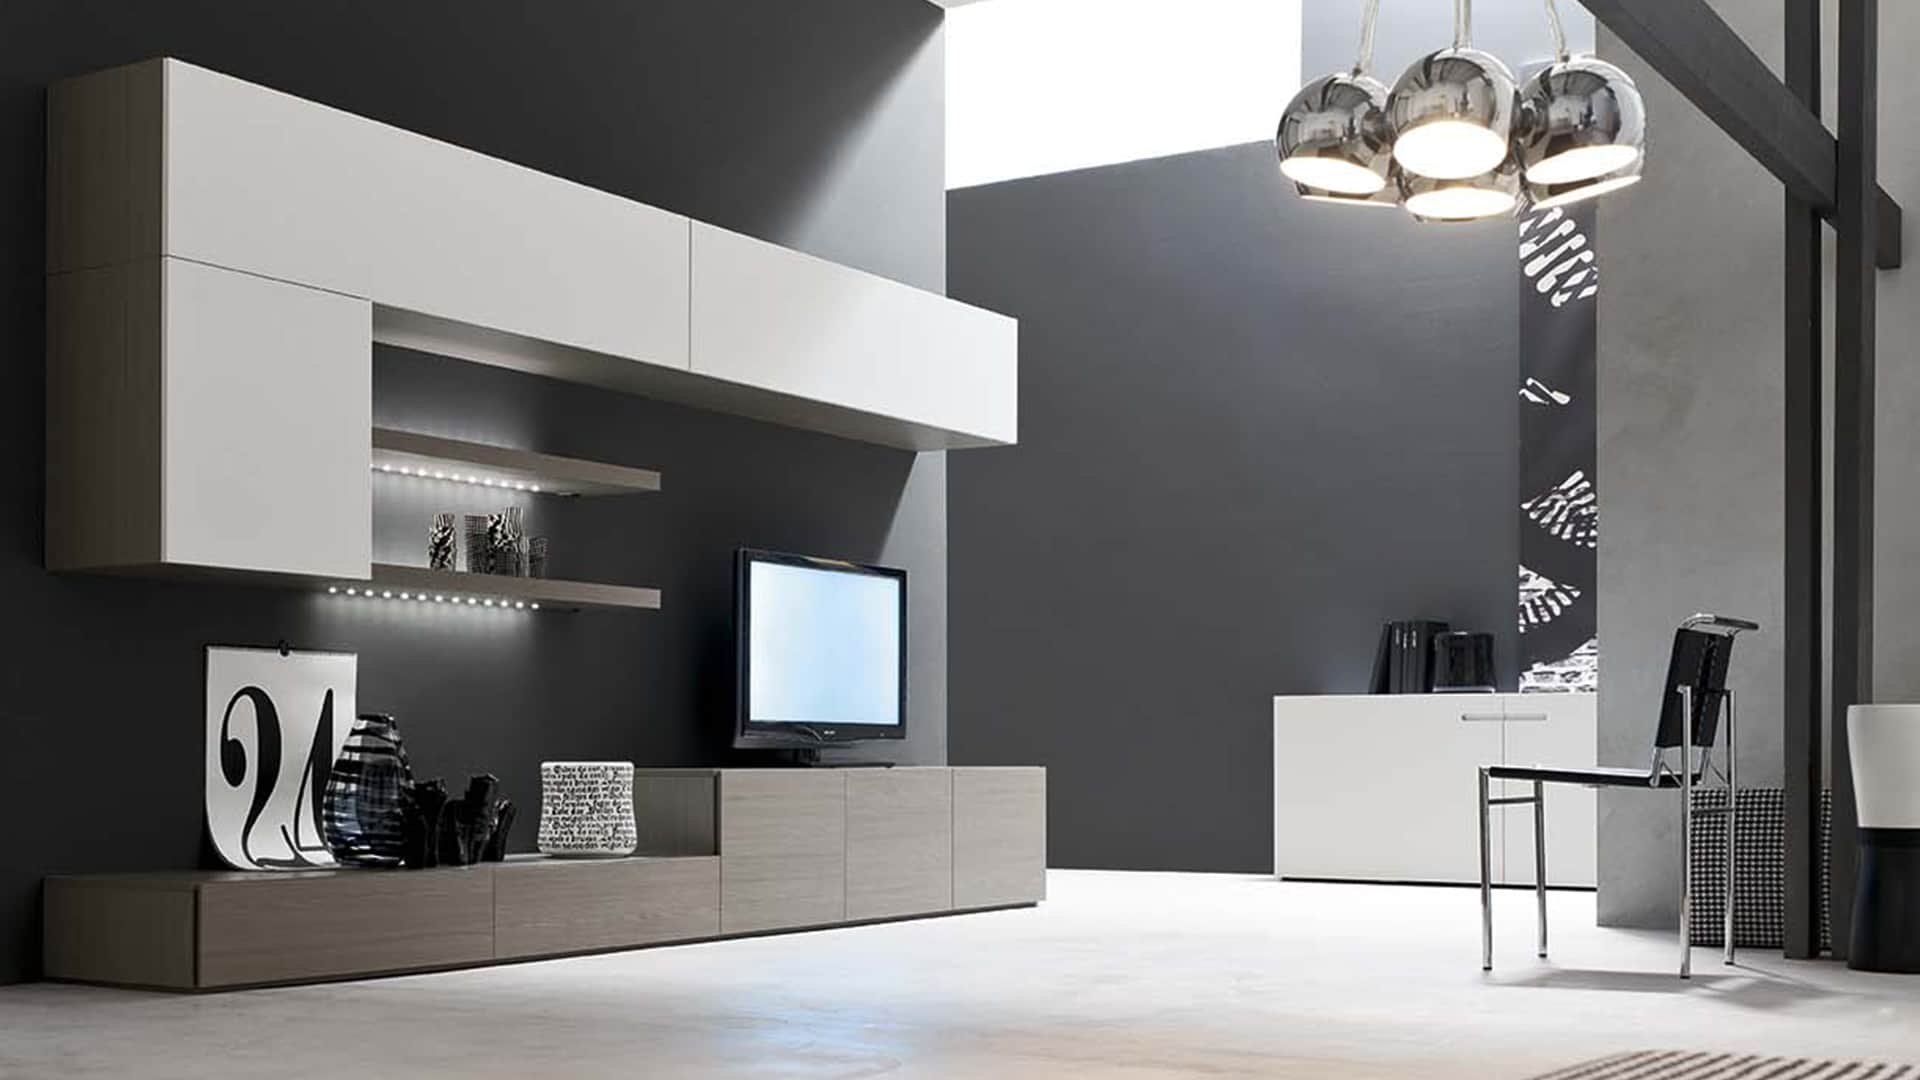 Vendita di mobili per soggiorno a padova mobili da for Mobili per soggiorno